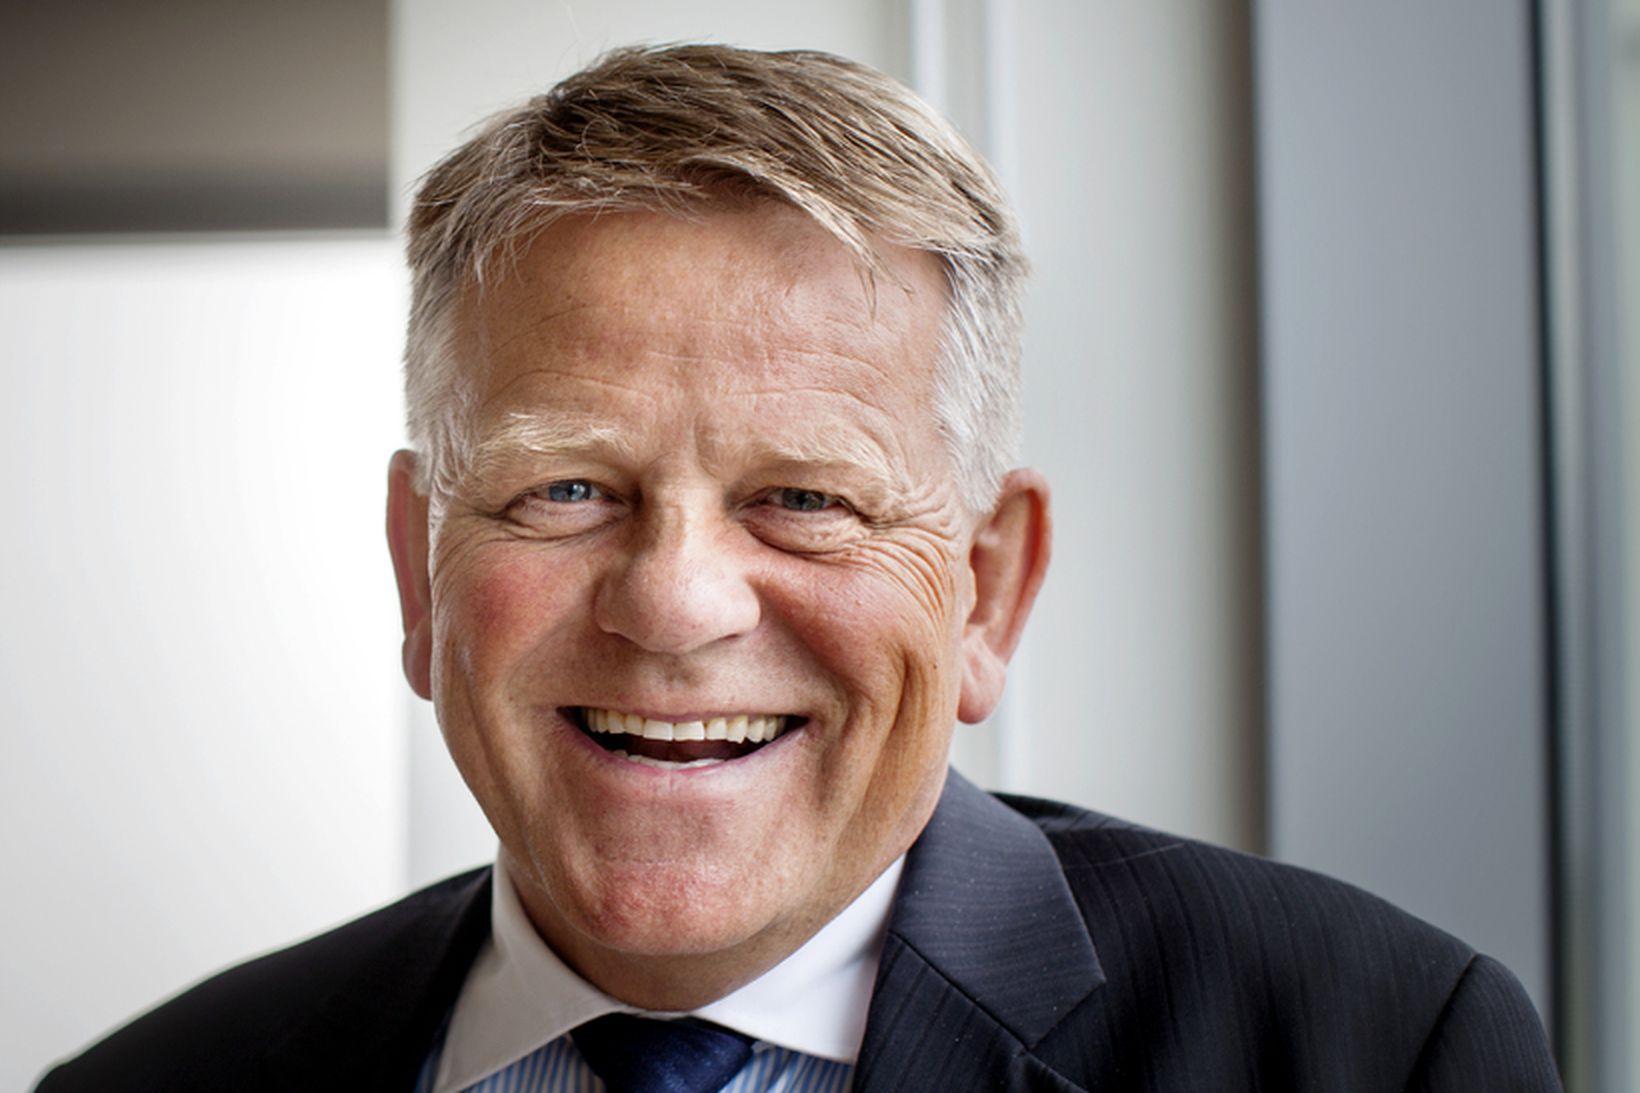 Björgólfur Jóhannsson, starfandi forstjóri Samherja, segir að hans persónulega skoðun …